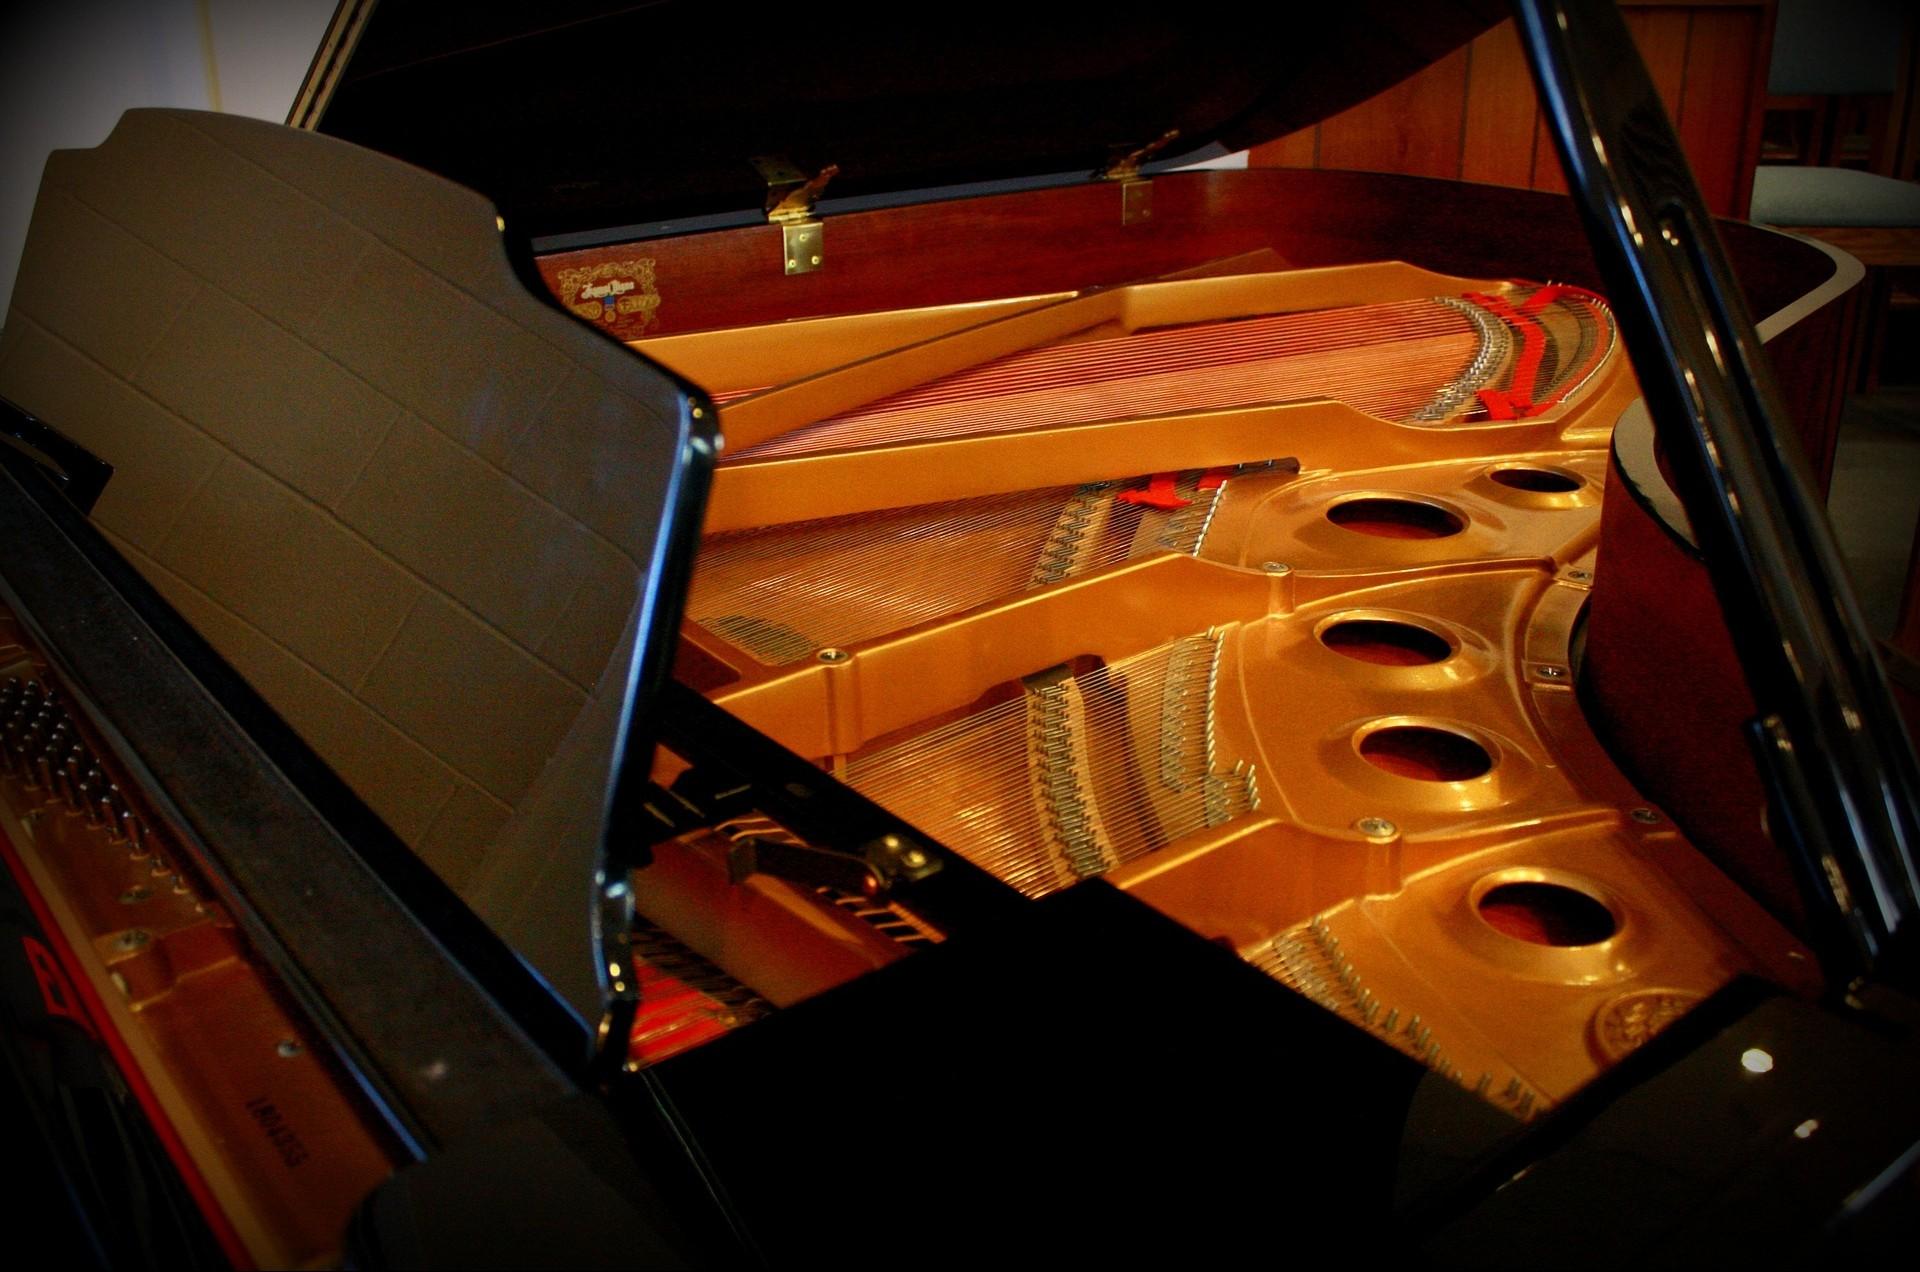 piano-747353_1920